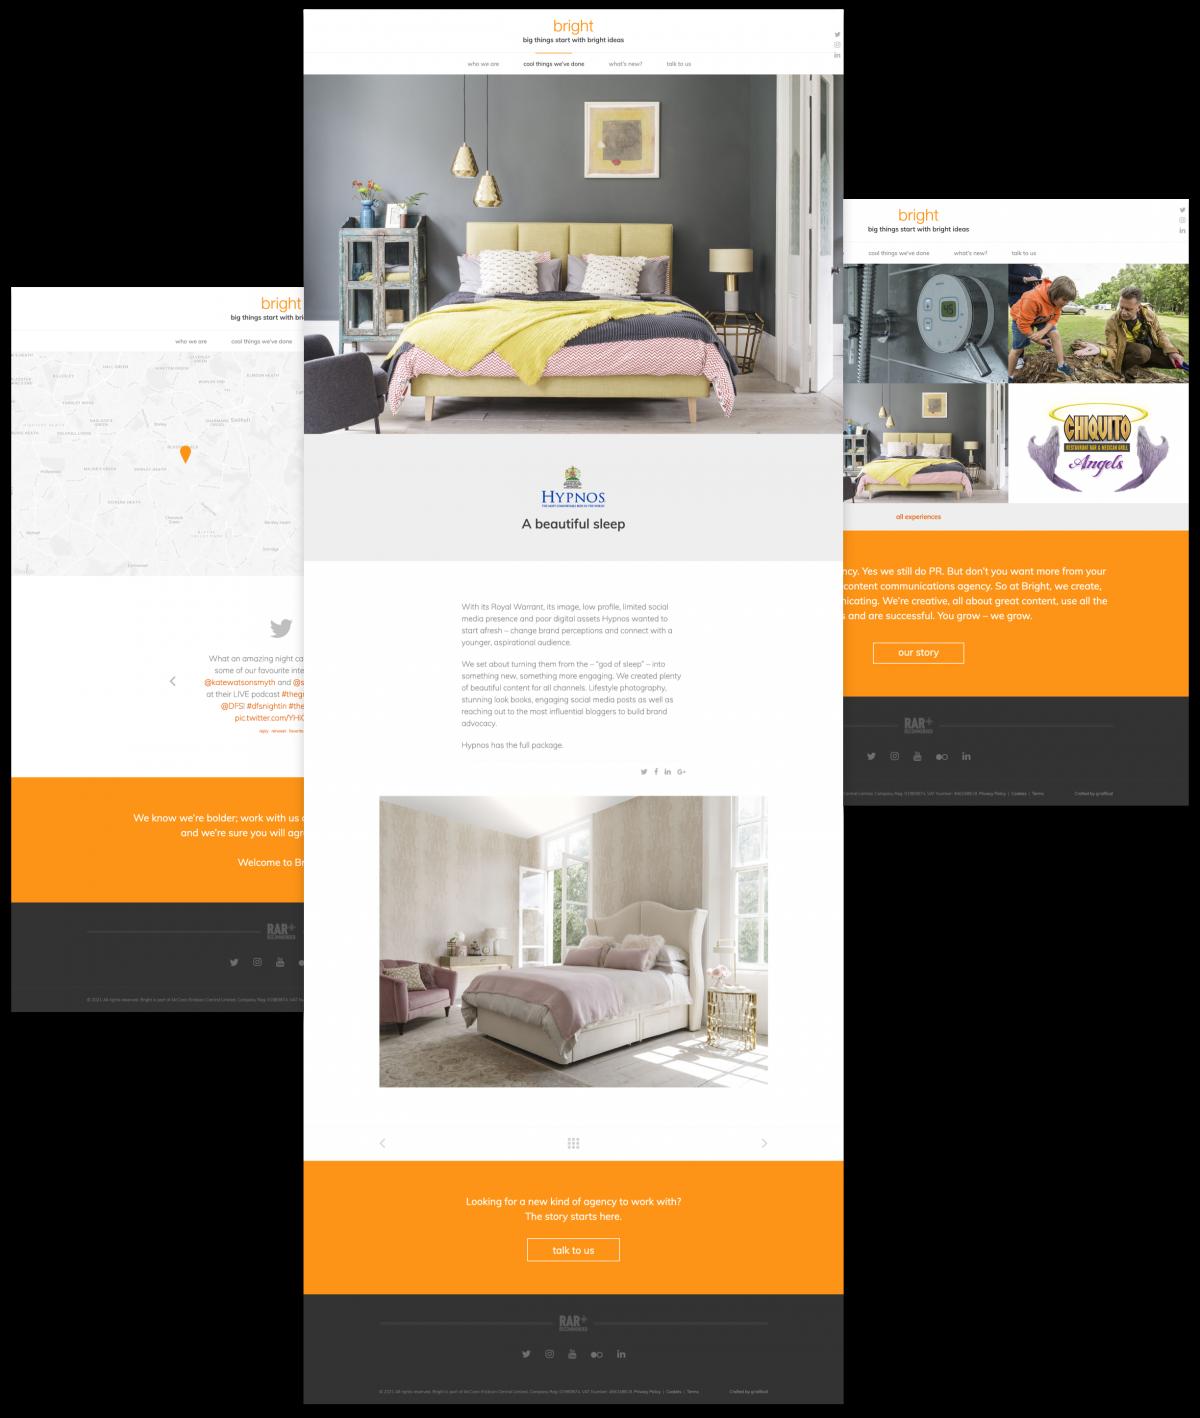 PR Marketing Agency Website - Bright